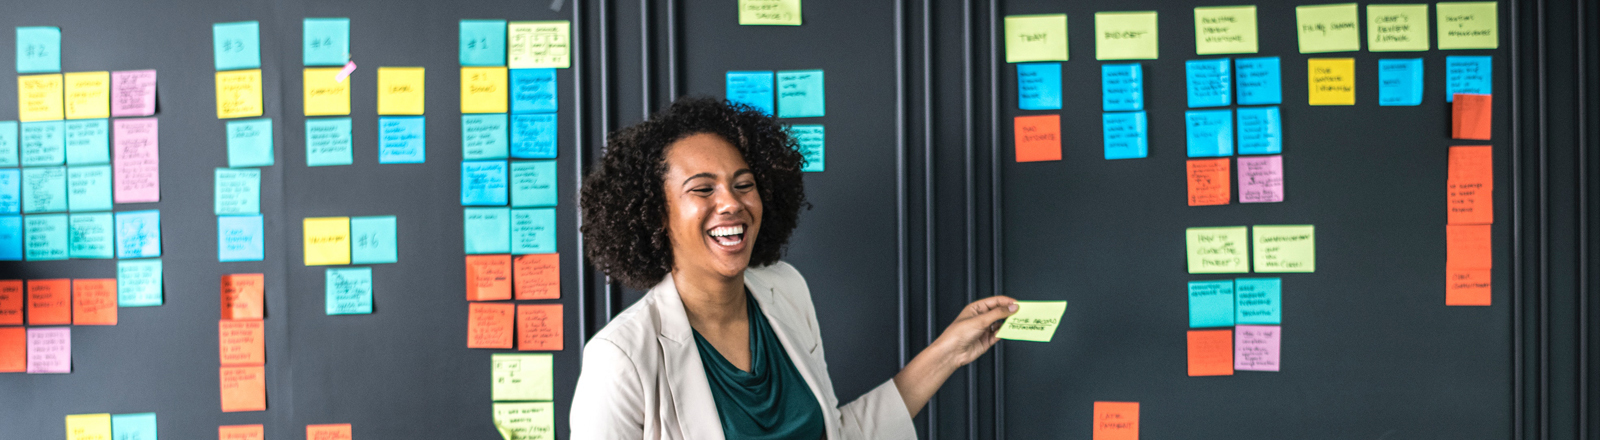 Ein Frau präsentiert vor Kolleginnen ein Thema mit Post-it-Zetteln